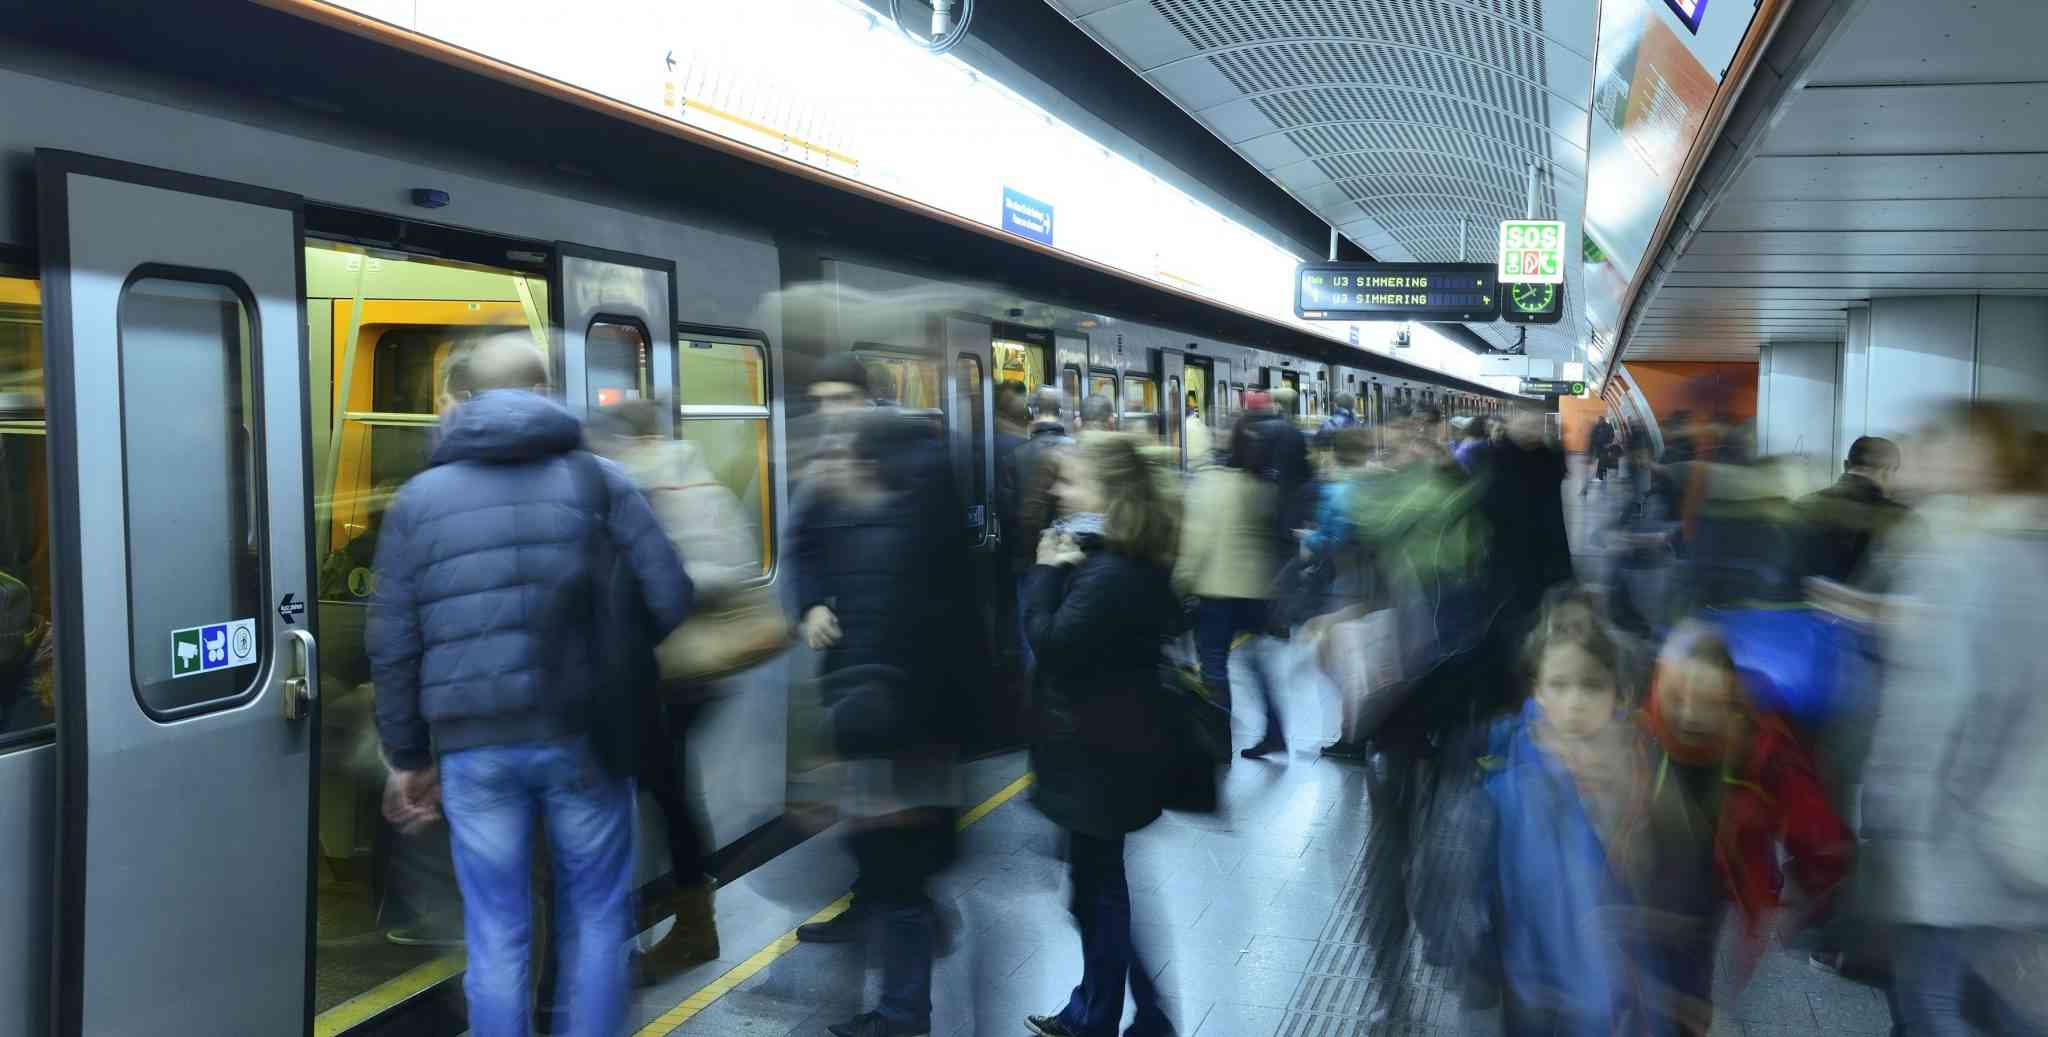 Die U3 befördert in ihren Stoßzeiten alle 2 bis 3 Minuten Fahrgäste von Simmering bis Ottakring.